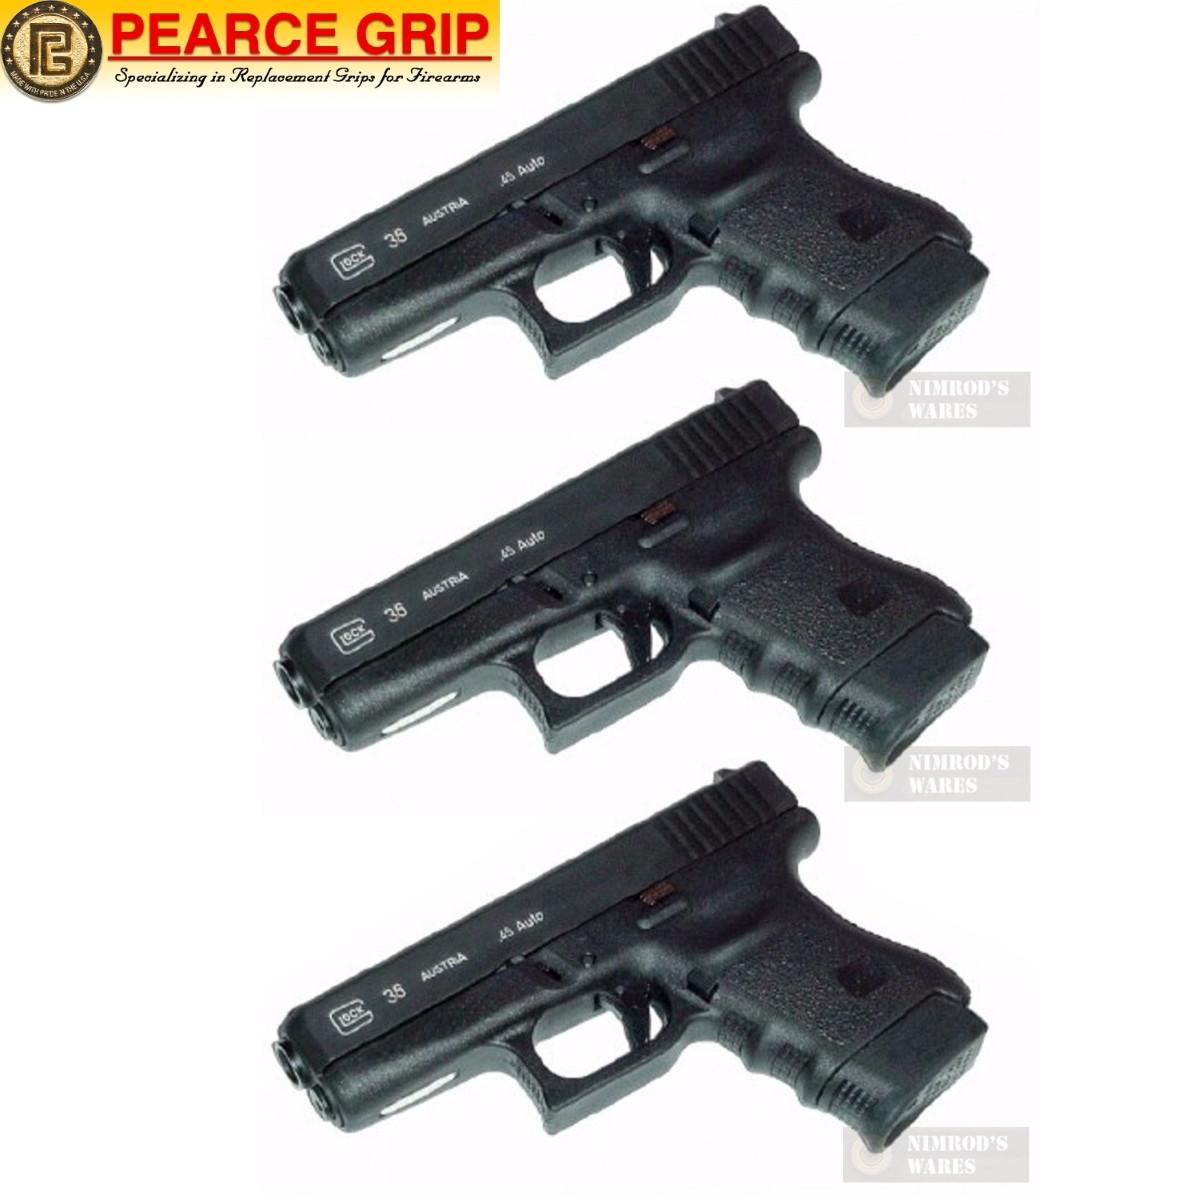 Pearce Grip GLOCK 36 G36 Grip Finger EXTENSION 3-PACK PG-360